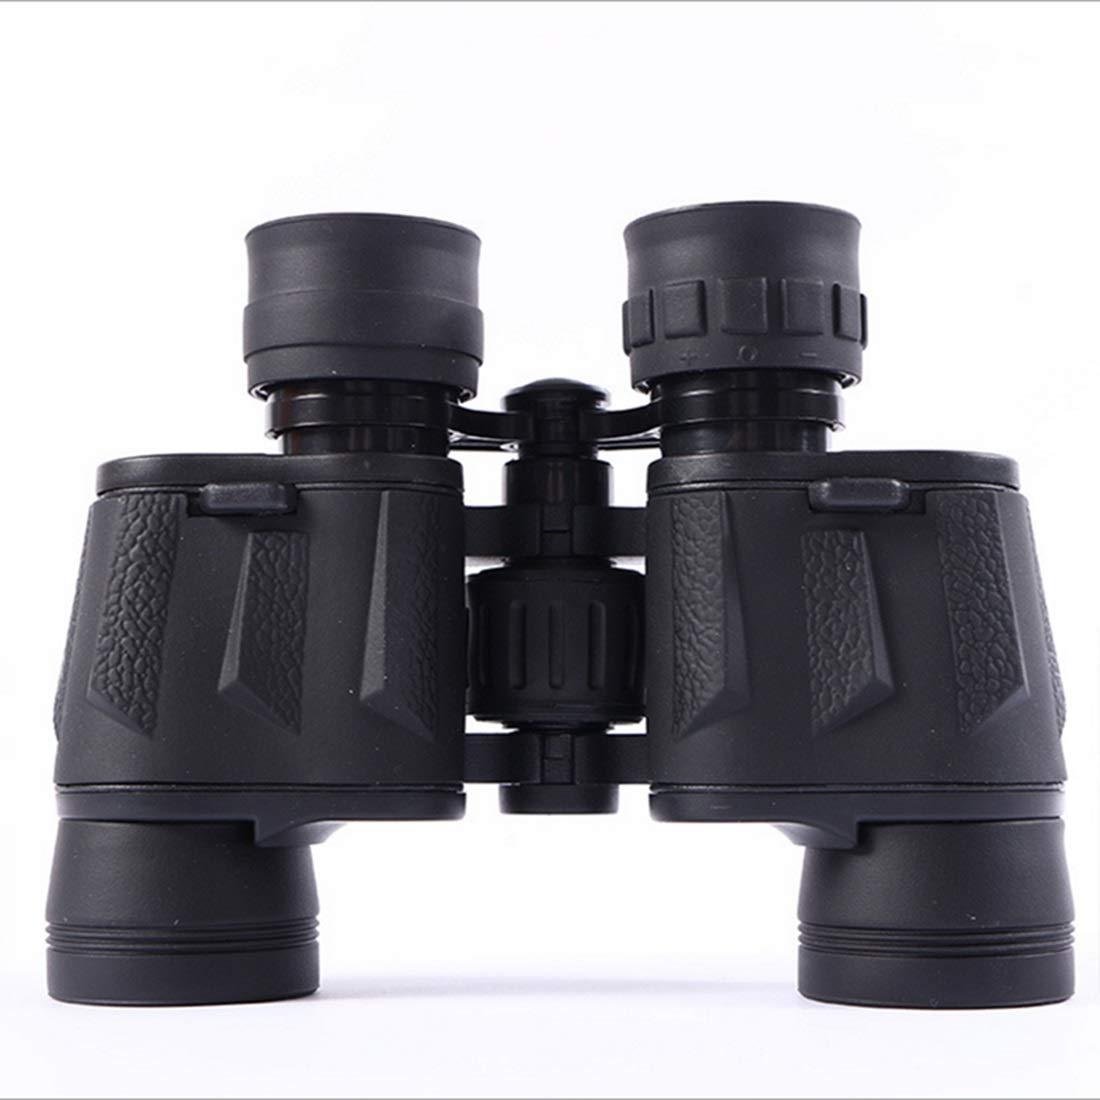 高品質の激安 KRPENRIO 双眼鏡 多層 FMC ブルーフィルムコーティング 金属 BAK4 ブラック 胴体 金属 BAK4 プリズム 防水 望遠鏡 ブラック B07L5CSH9Z, Fly Fashion:32ba74c6 --- a0267596.xsph.ru